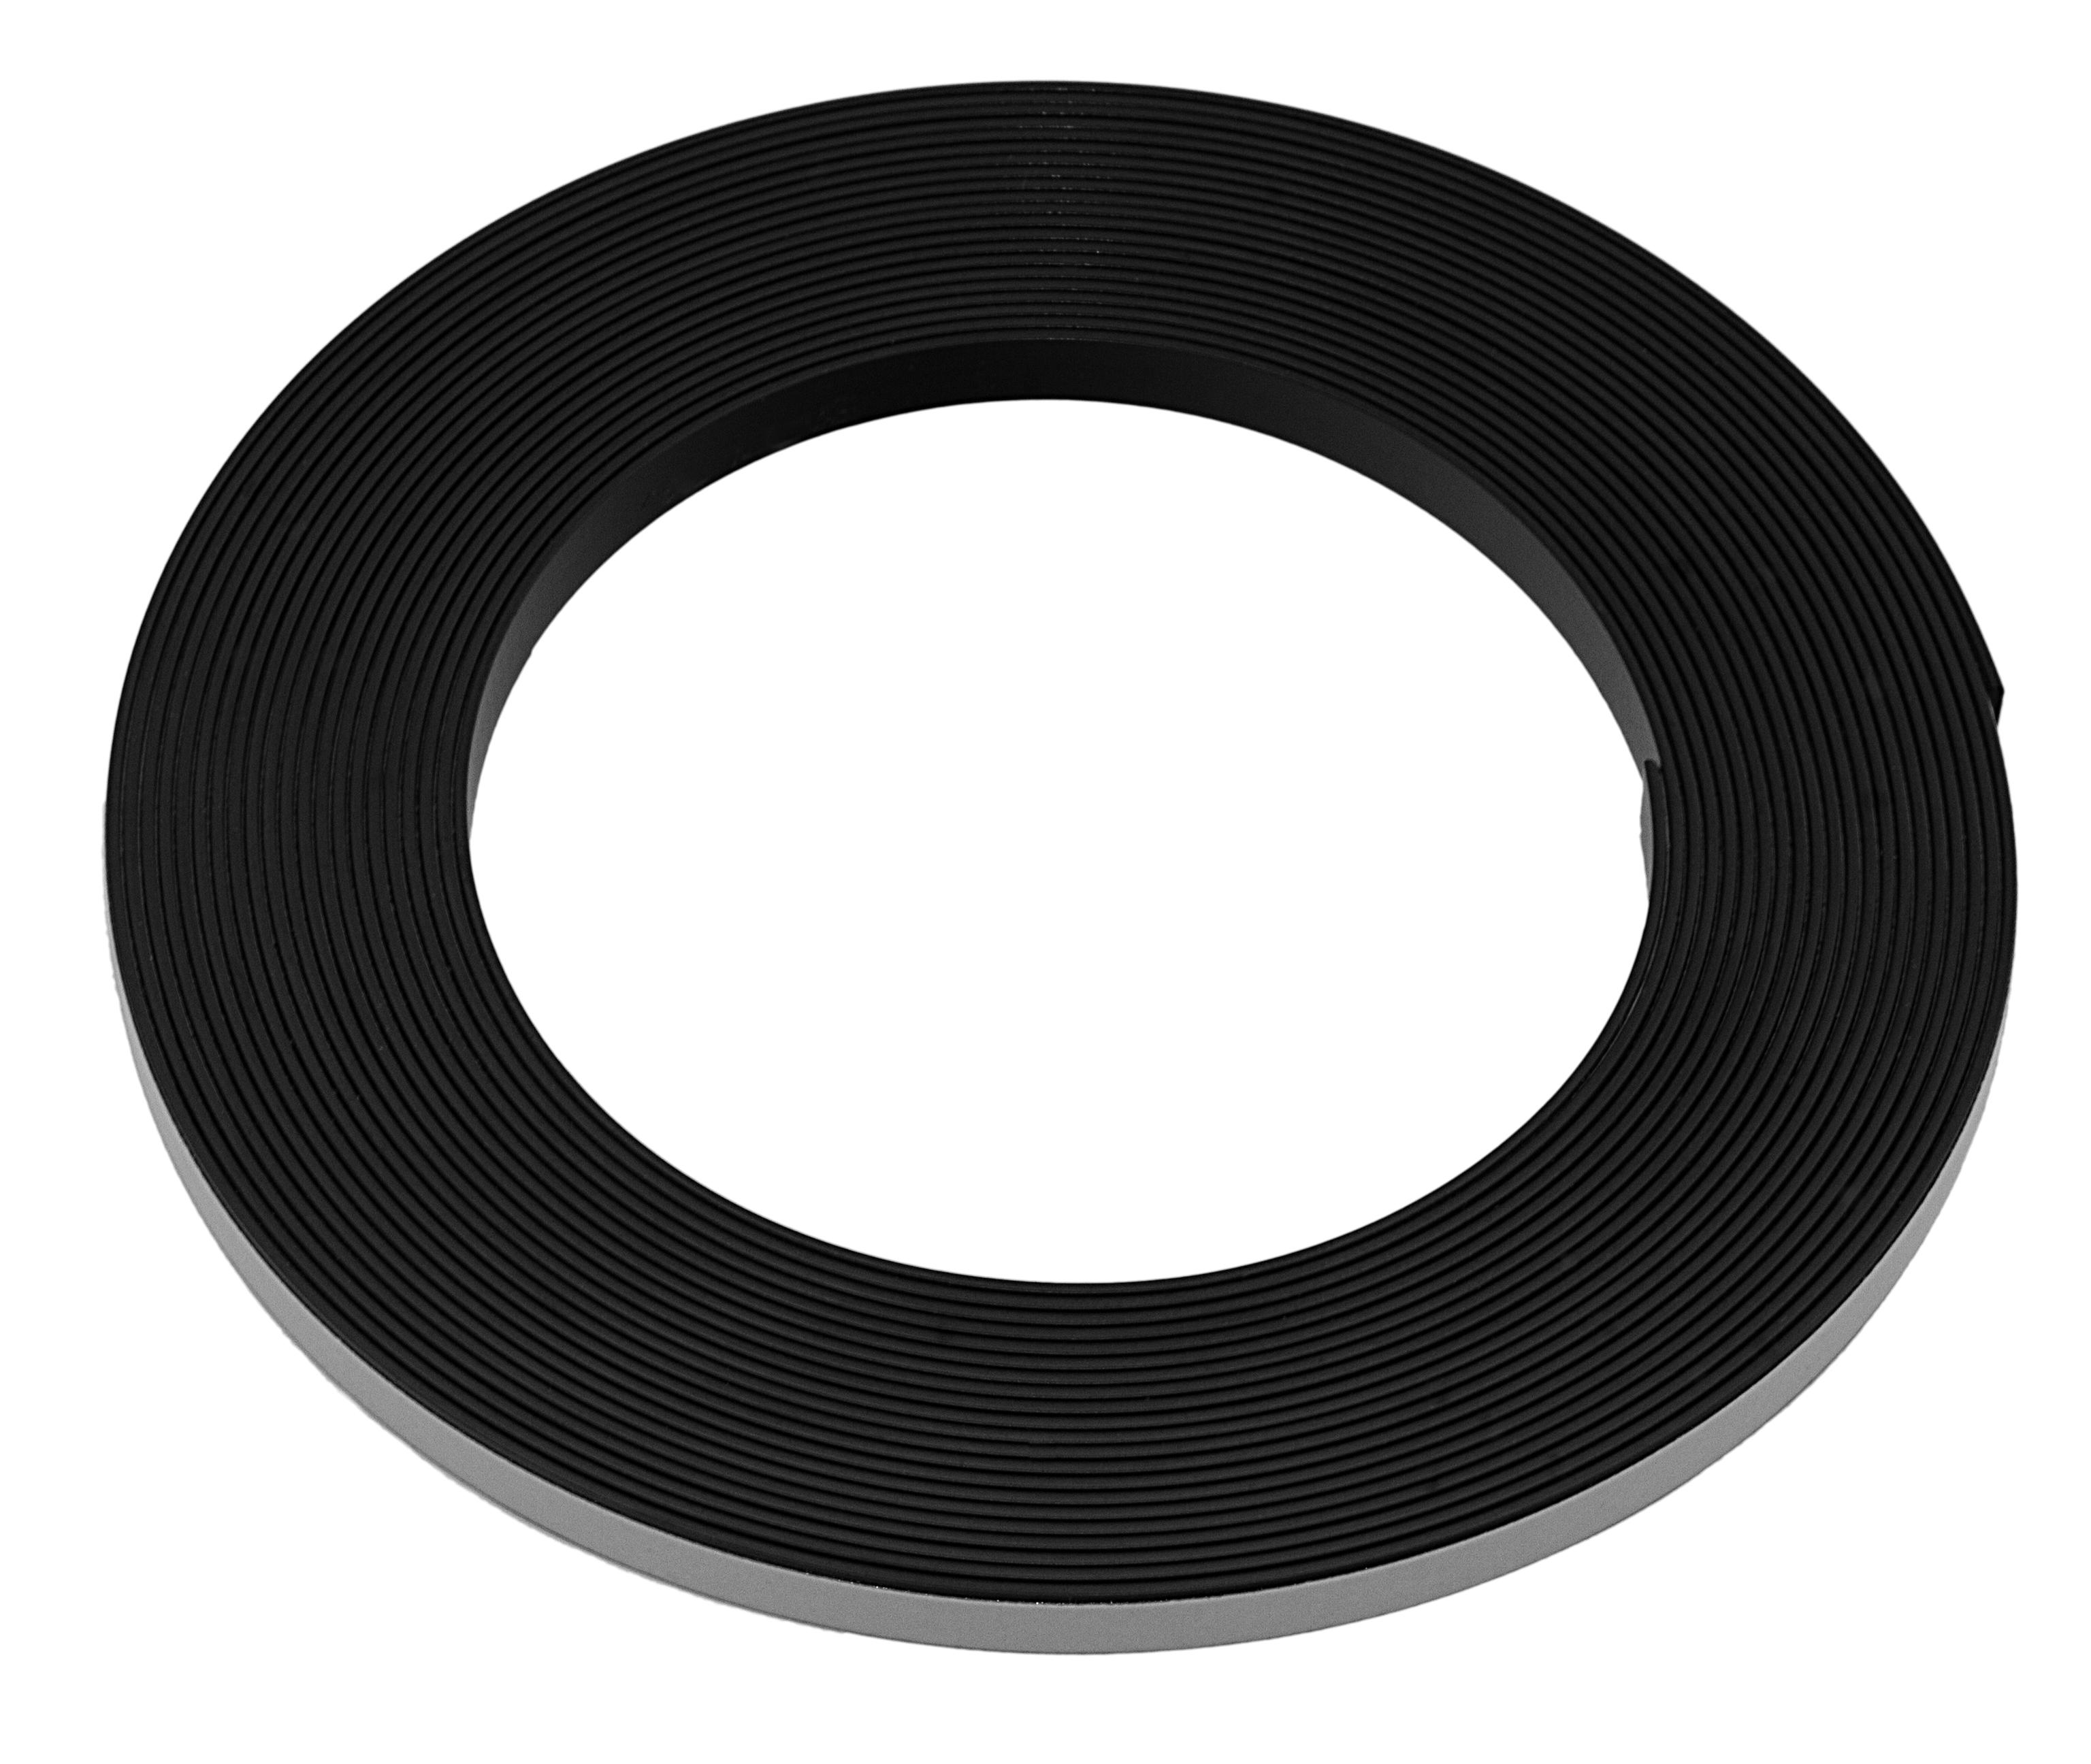 1 m Magnetband 7mm breit LIZU007007